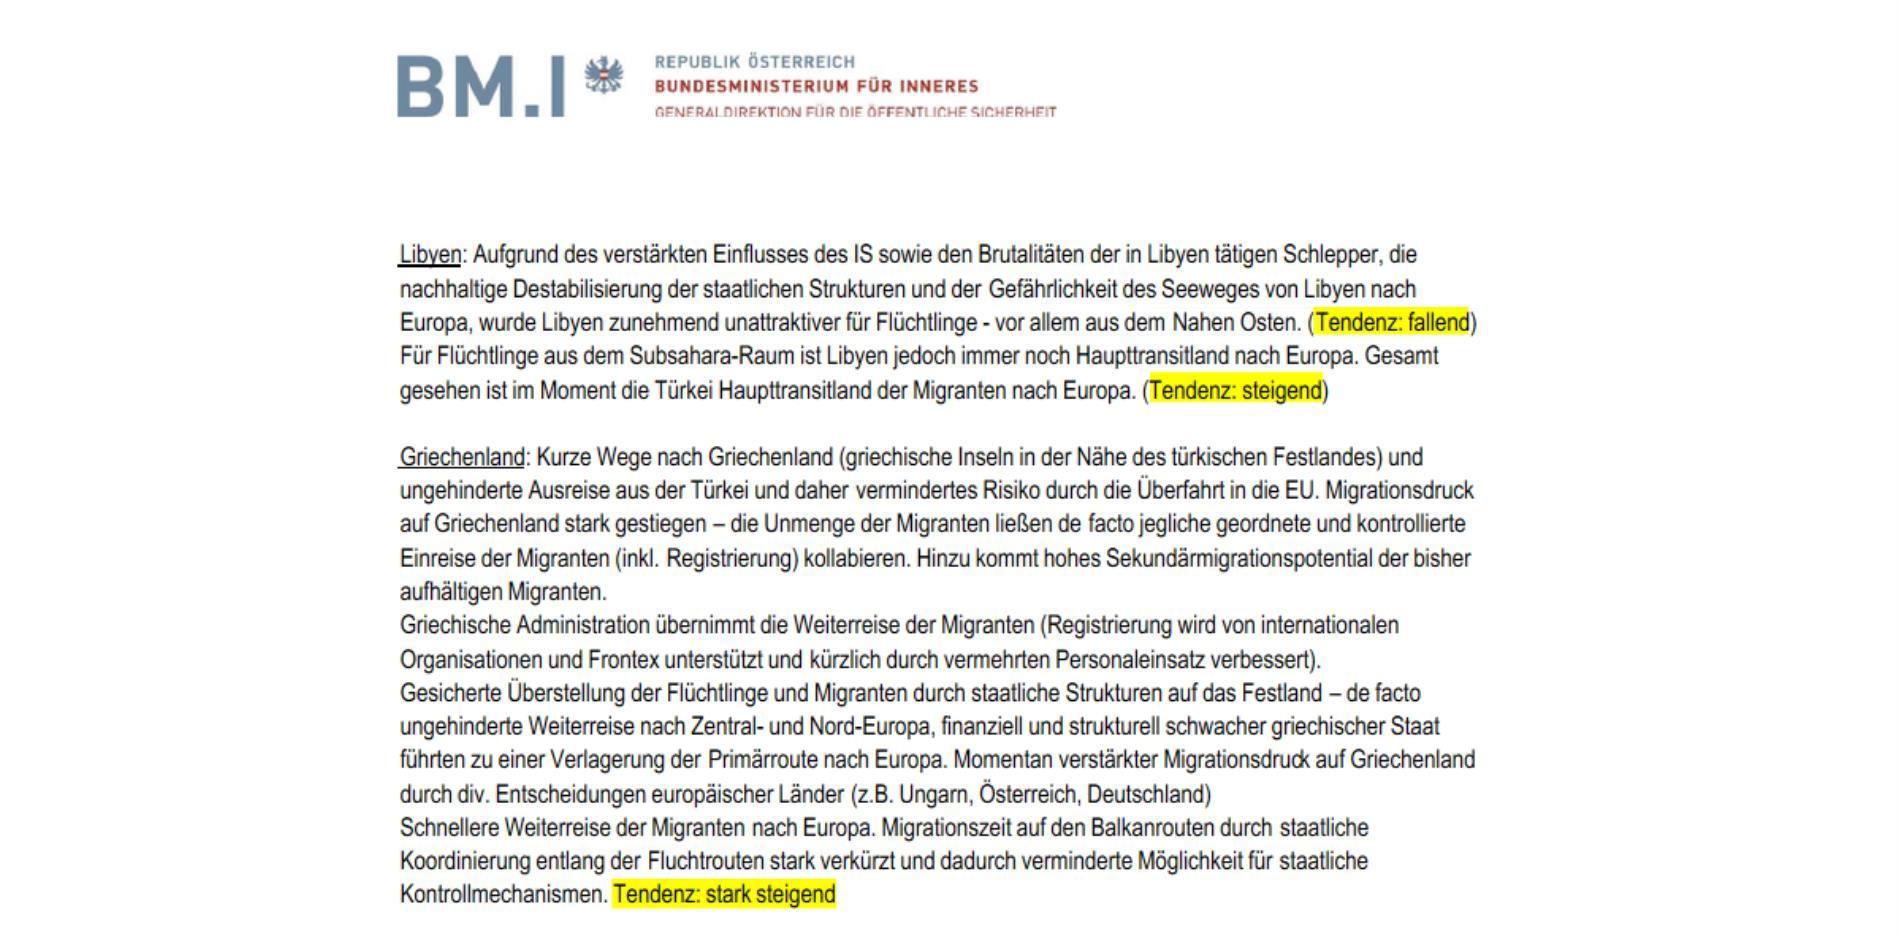 sonderbericht-der-dezeitigen-migrationslage-3.jpg